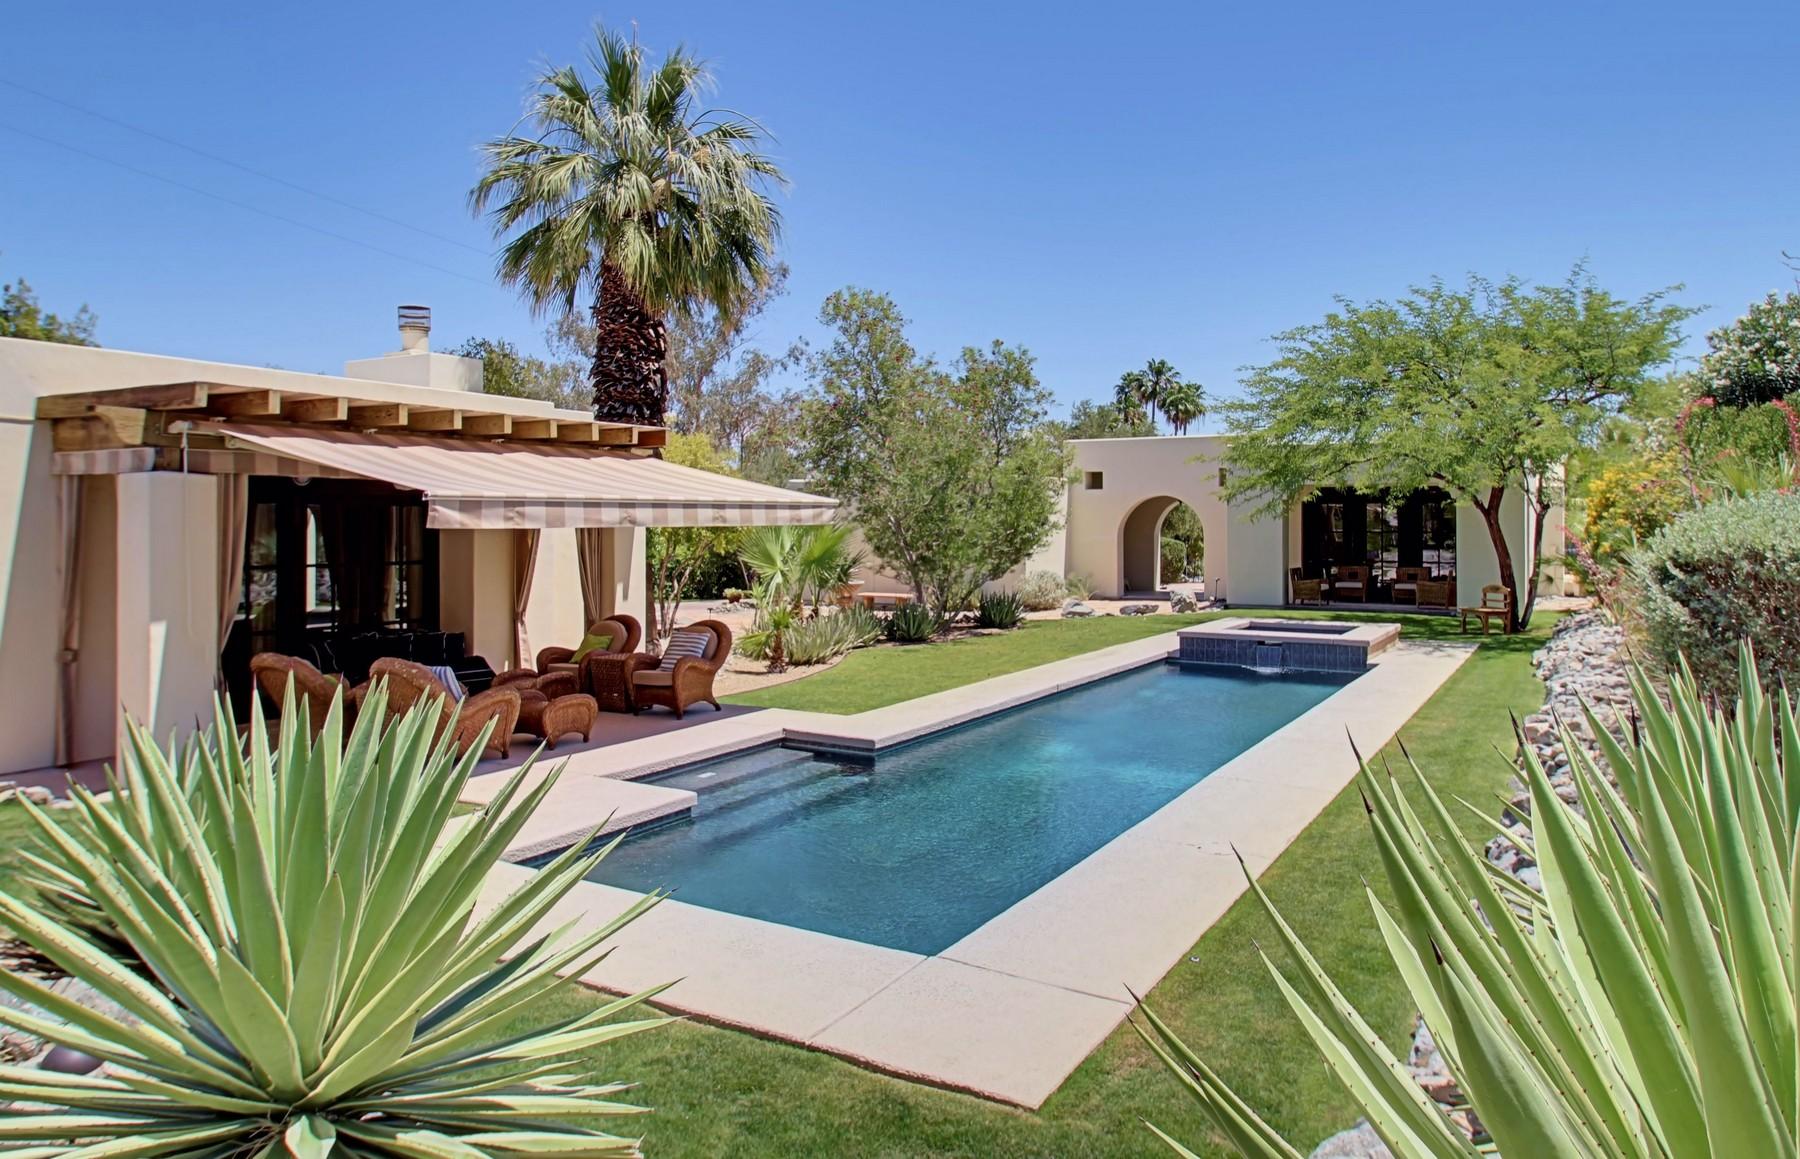 Maison unifamiliale pour l Vente à 38755 Vista Drive Palm Springs, Californie, 92234 États-Unis